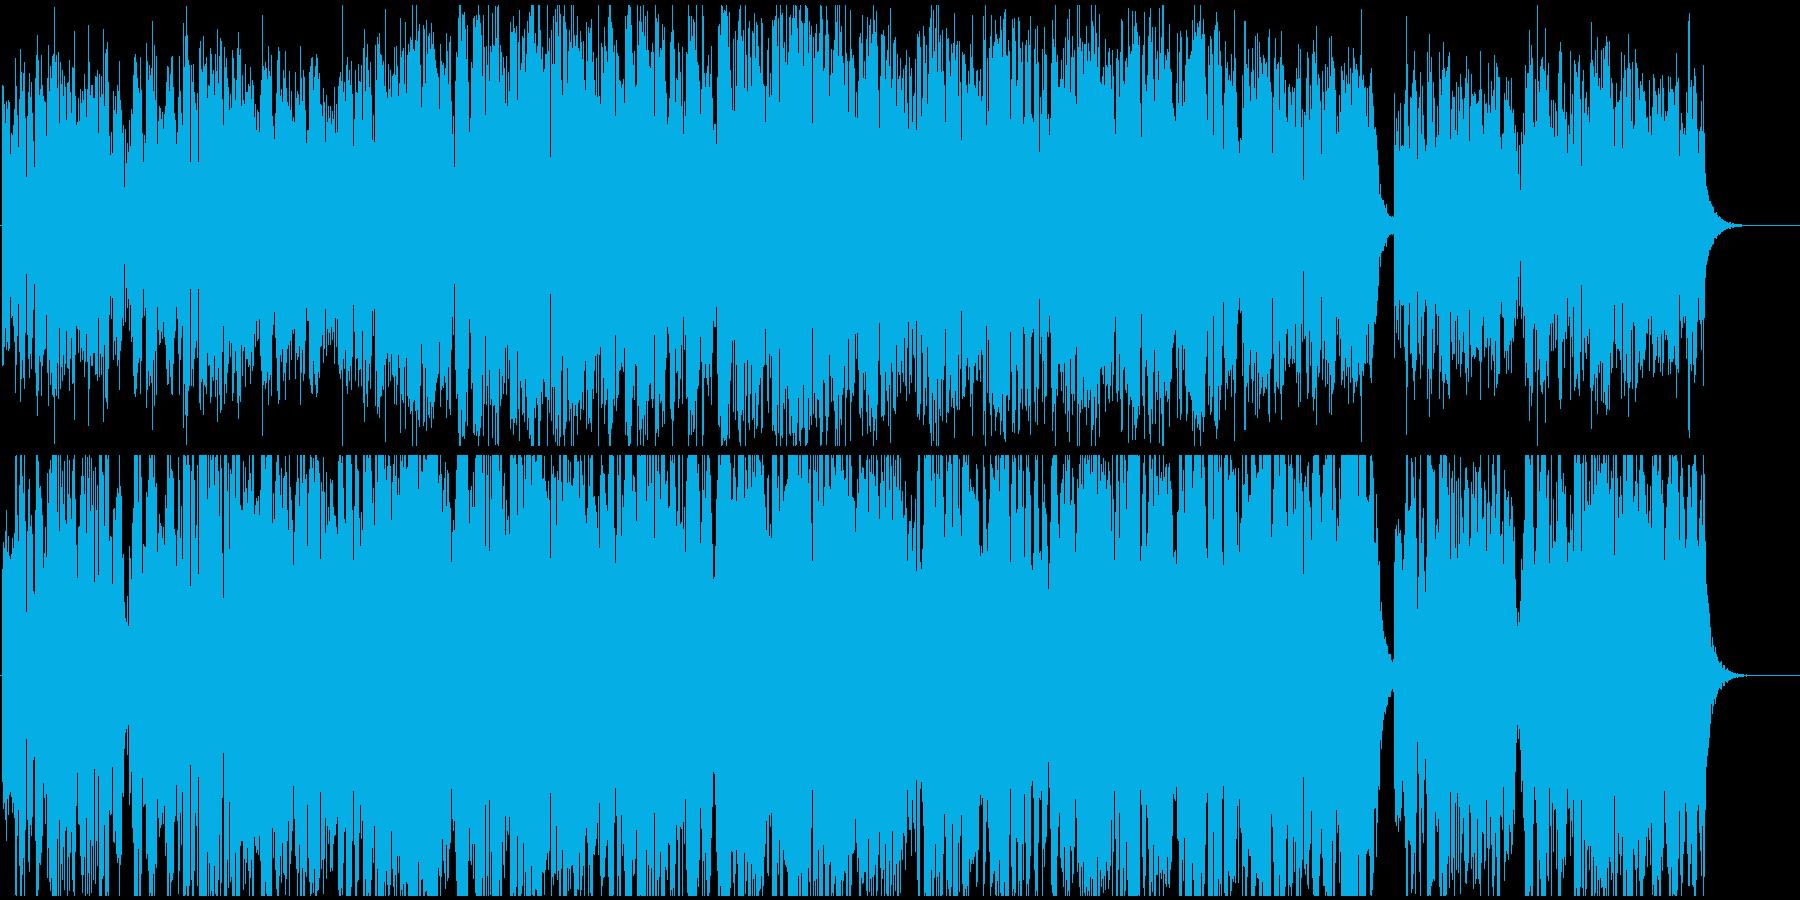 電子的なシンセサイザーによるミュージックの再生済みの波形